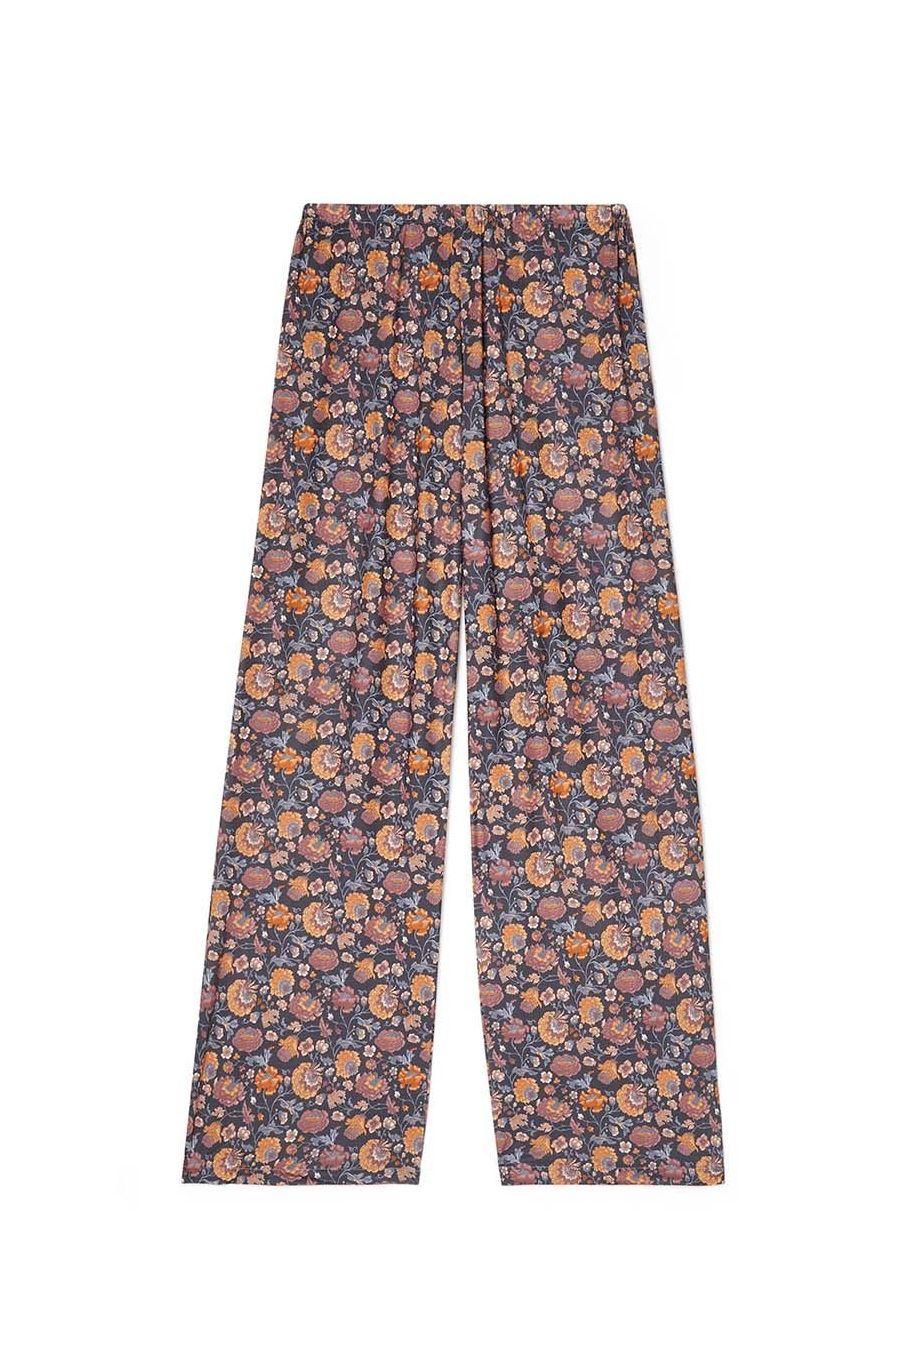 bas de pyjama femme melycia charcoal bohemian flowers - louise misha